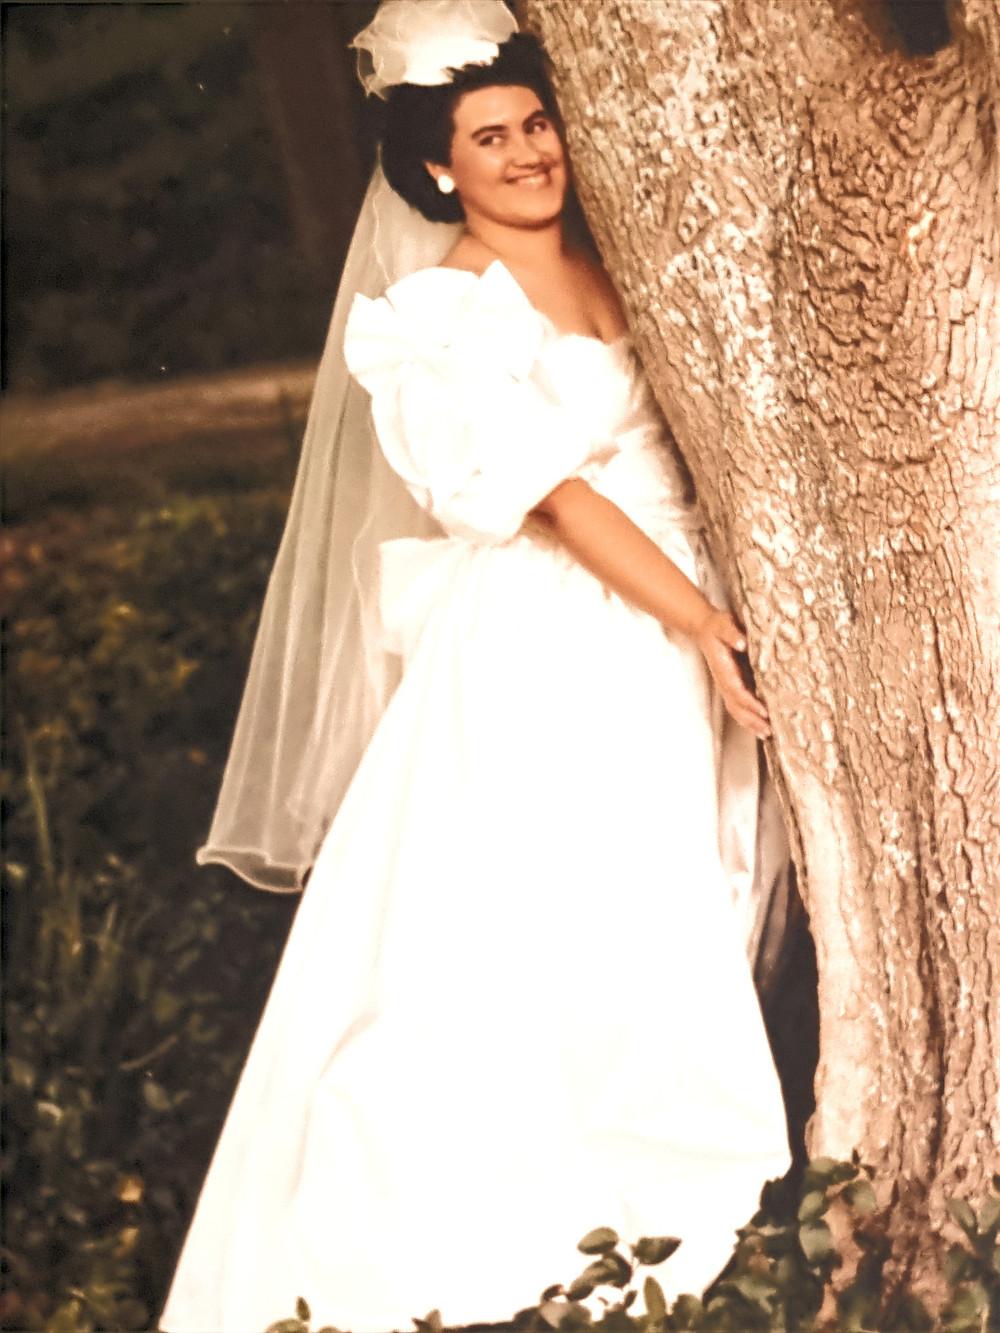 Sandra Groves on her wedding day